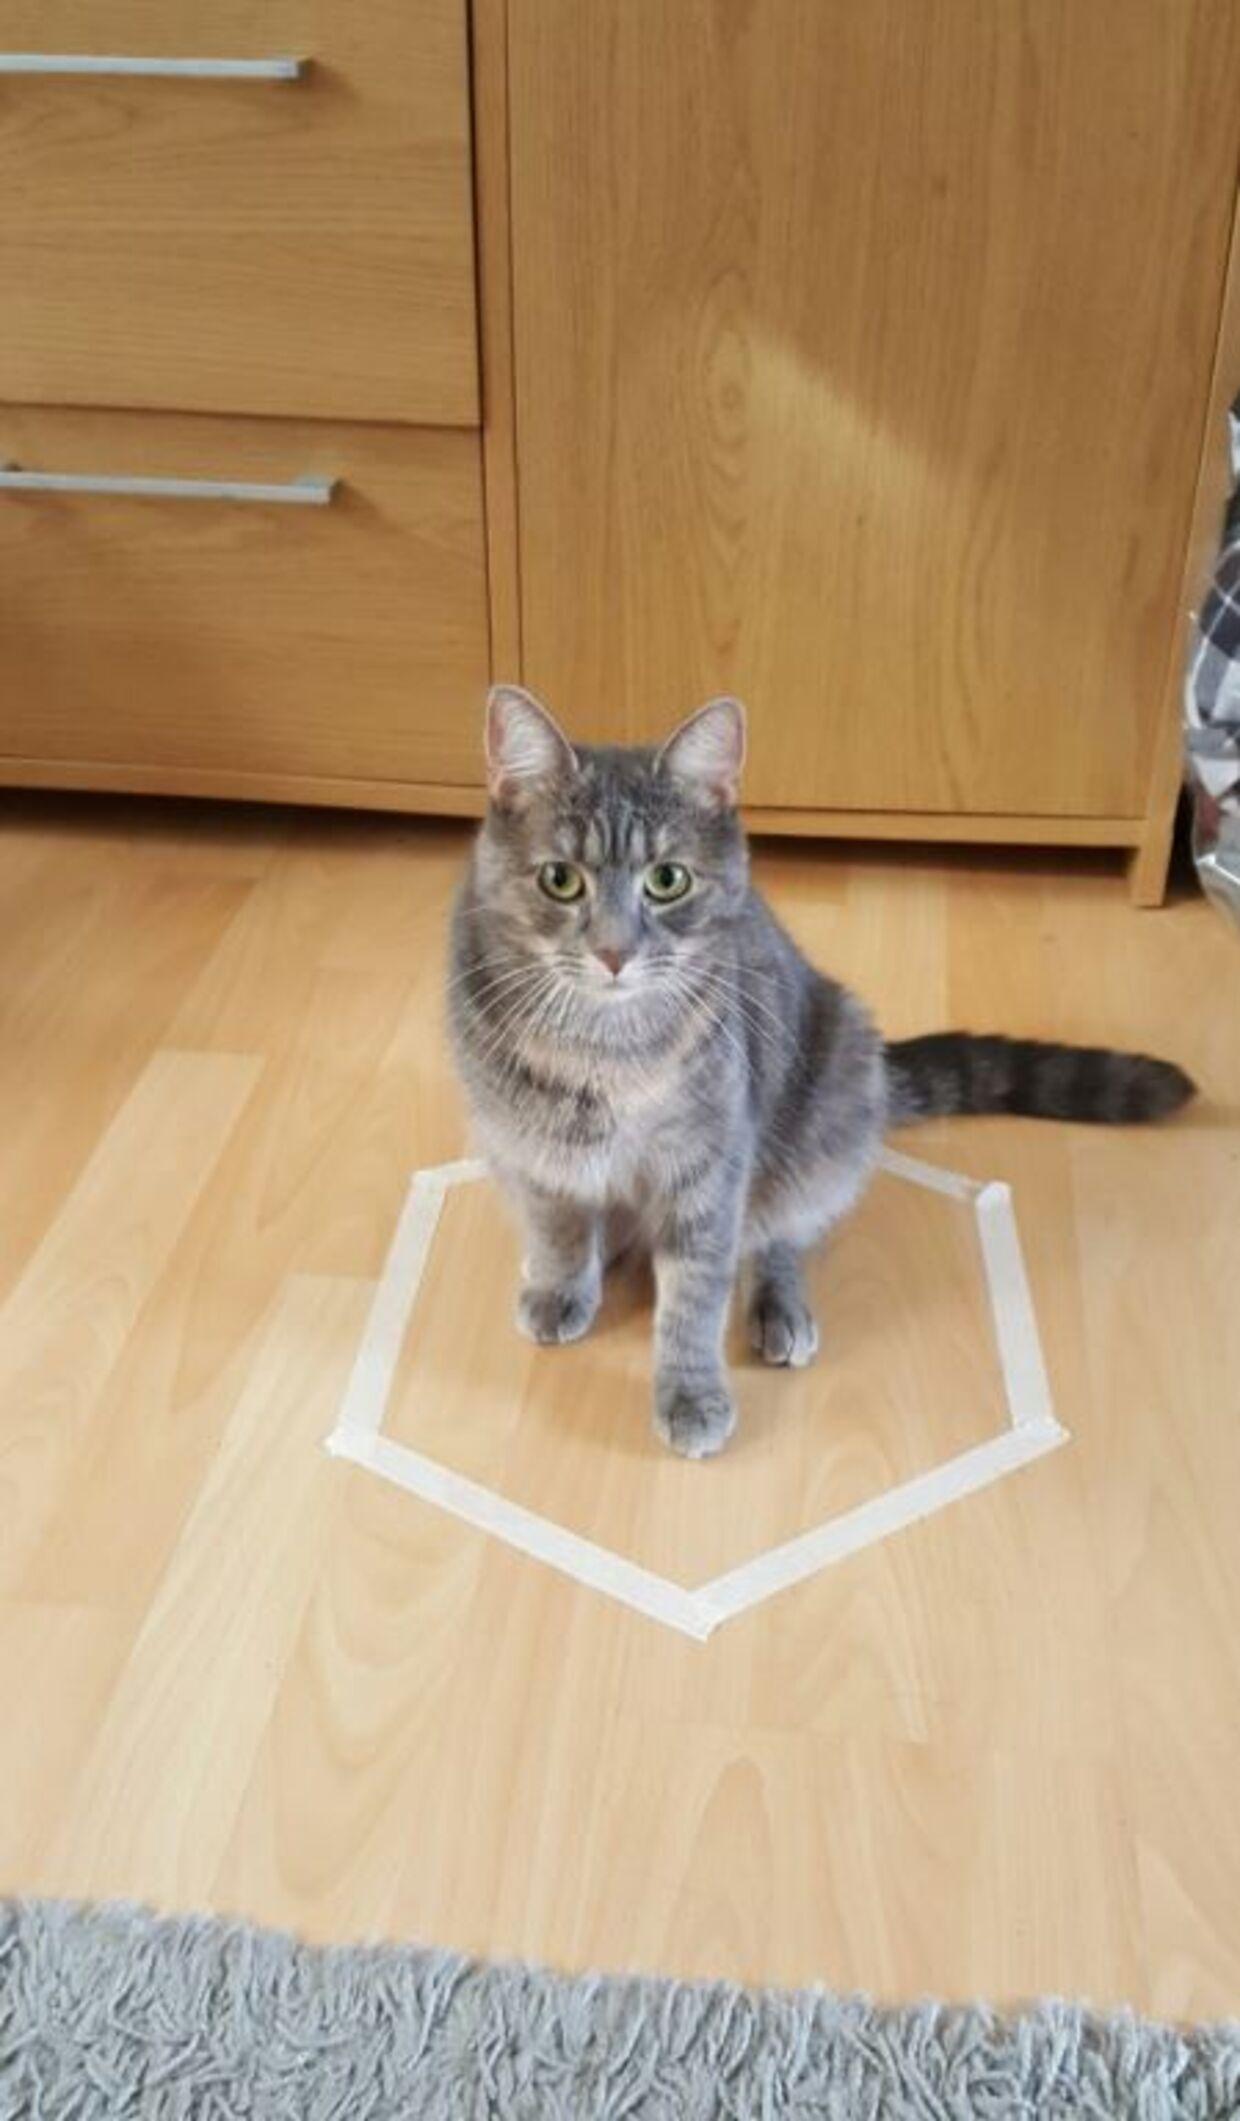 Katten Vida gik også selv ind i det afmærkede område.